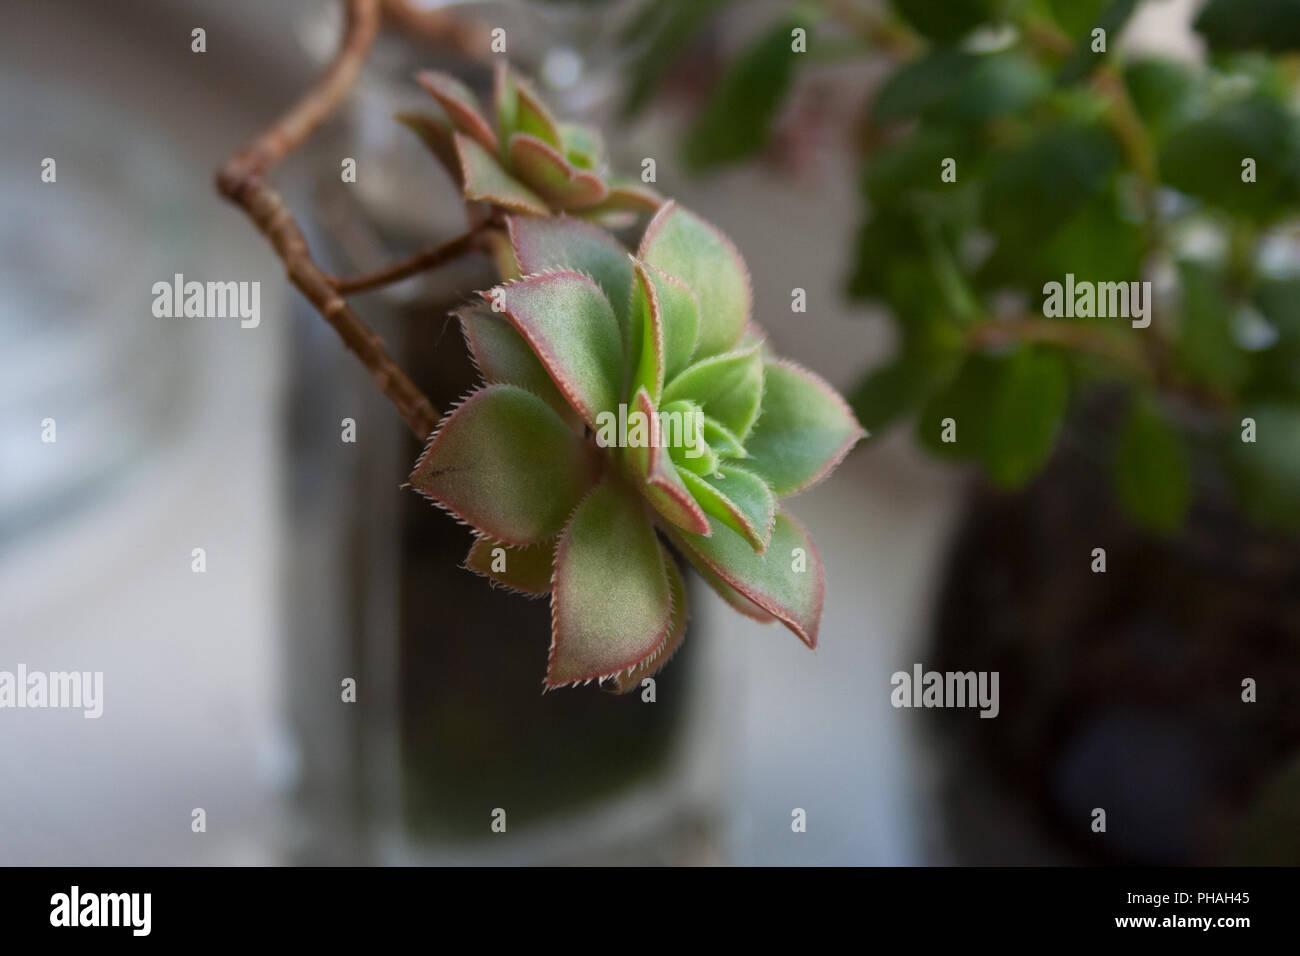 Aeonium Kiwi succulent plant branch close up - Stock Image